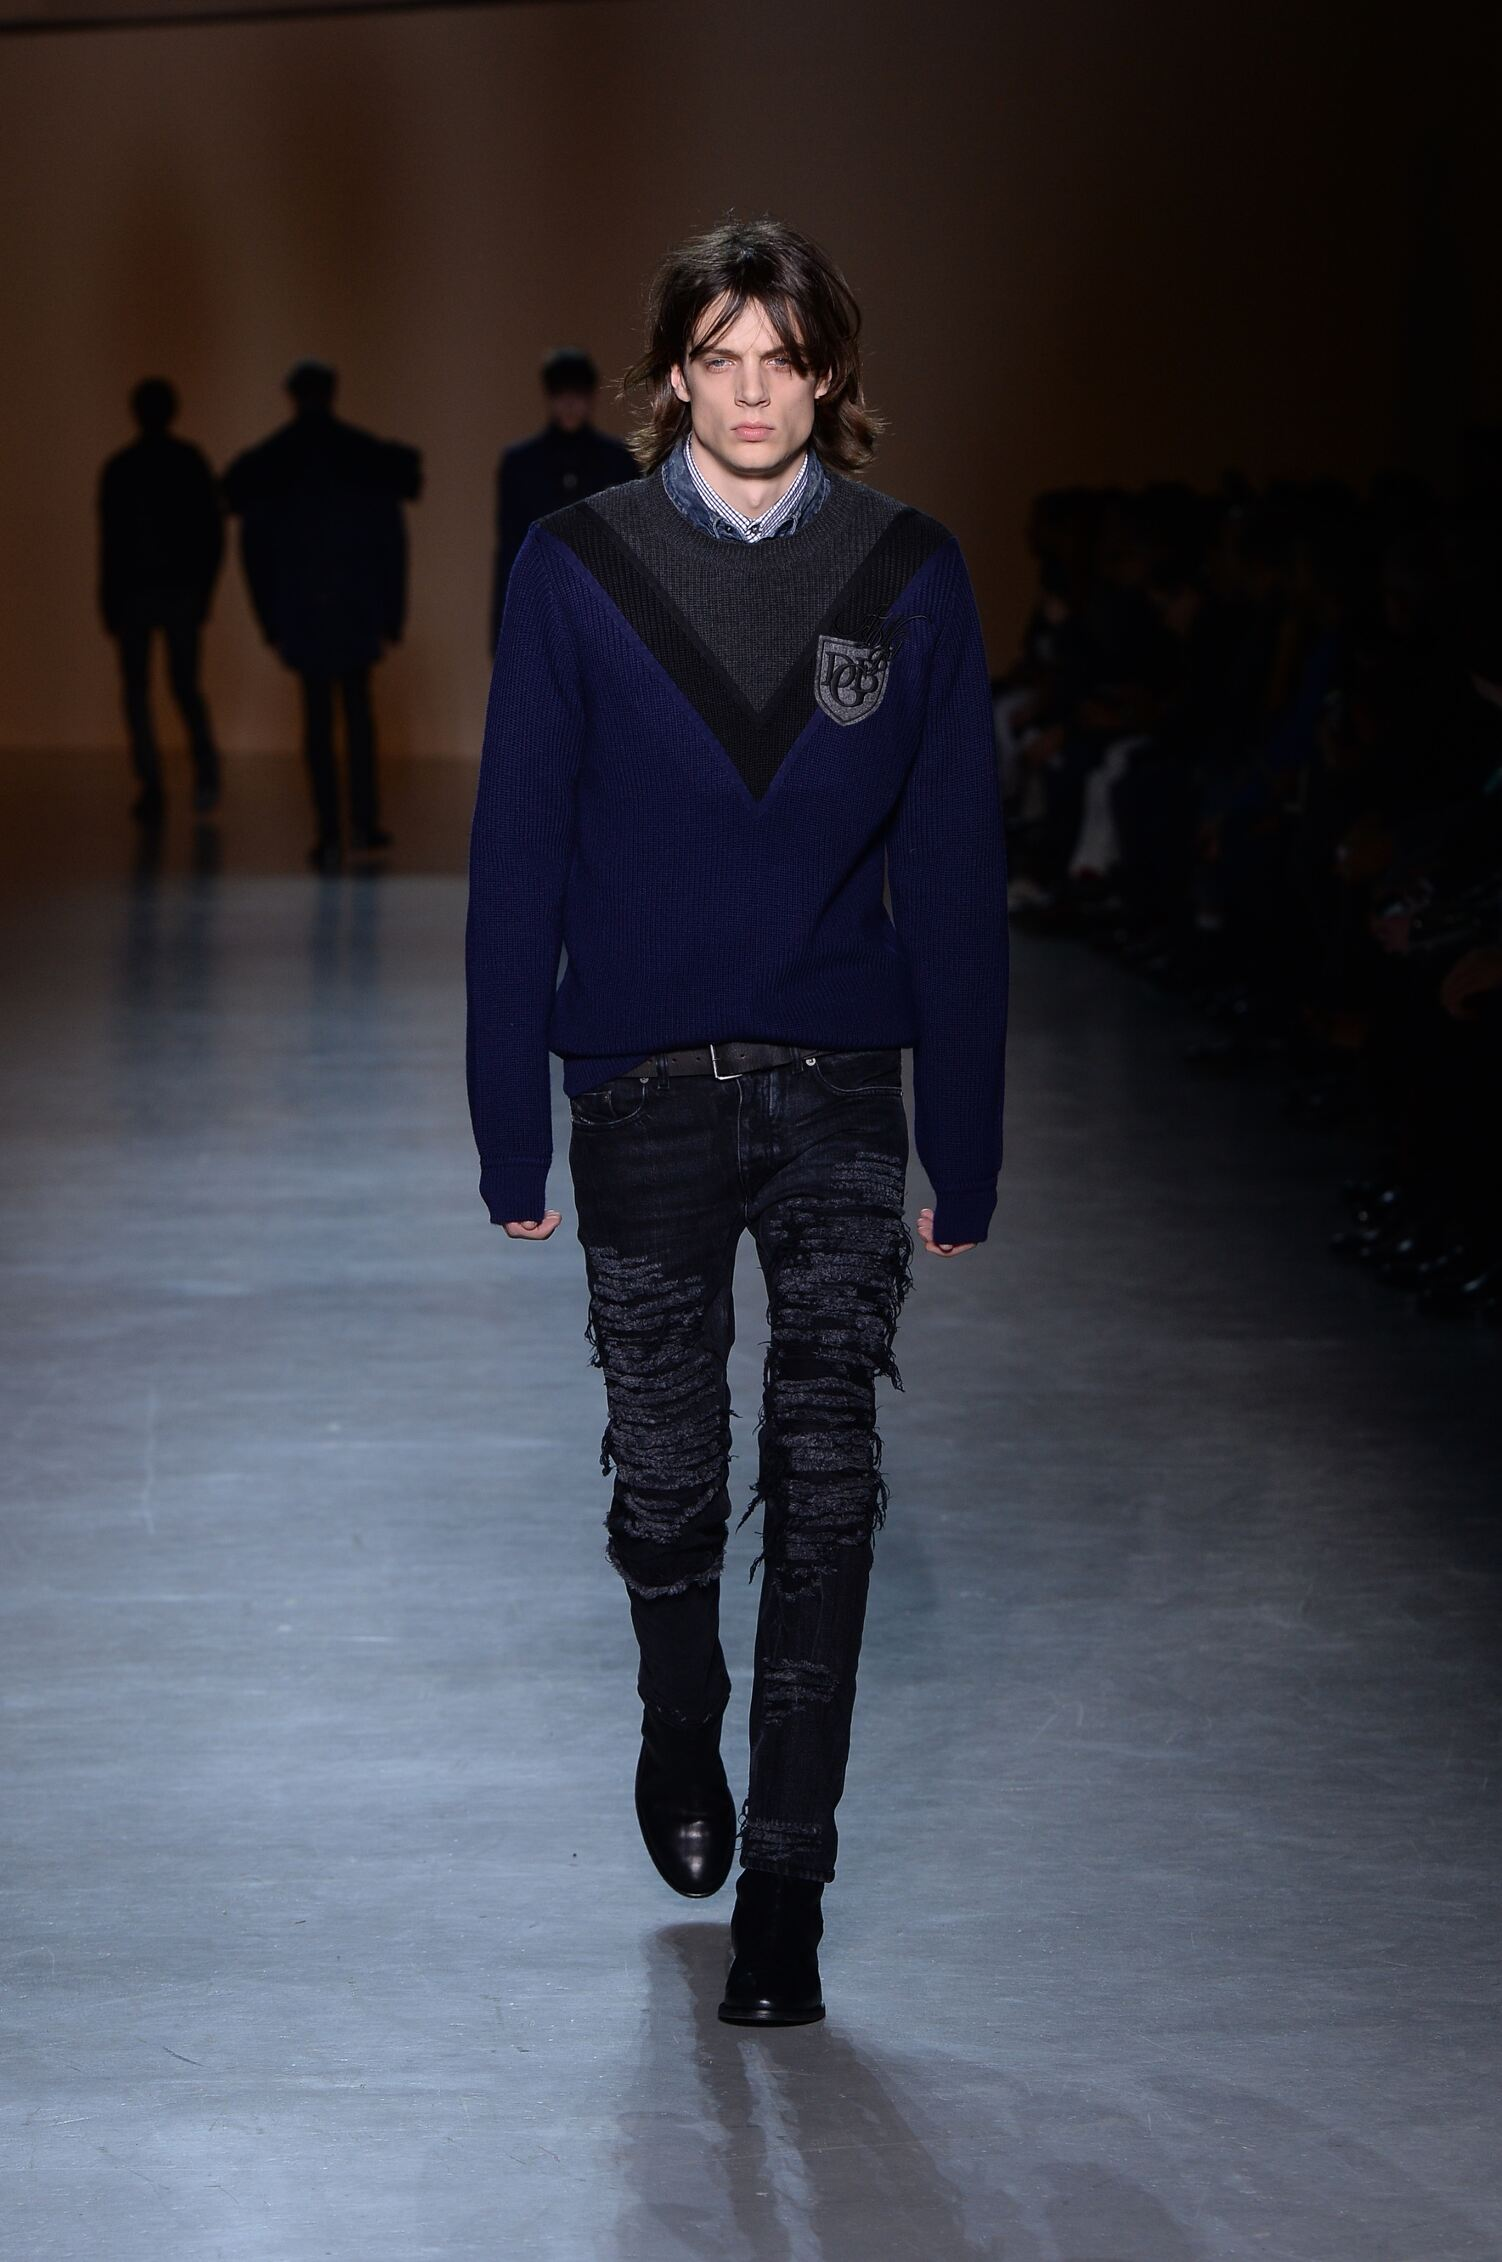 Diesel Black Gold Man Milano Fashion Week